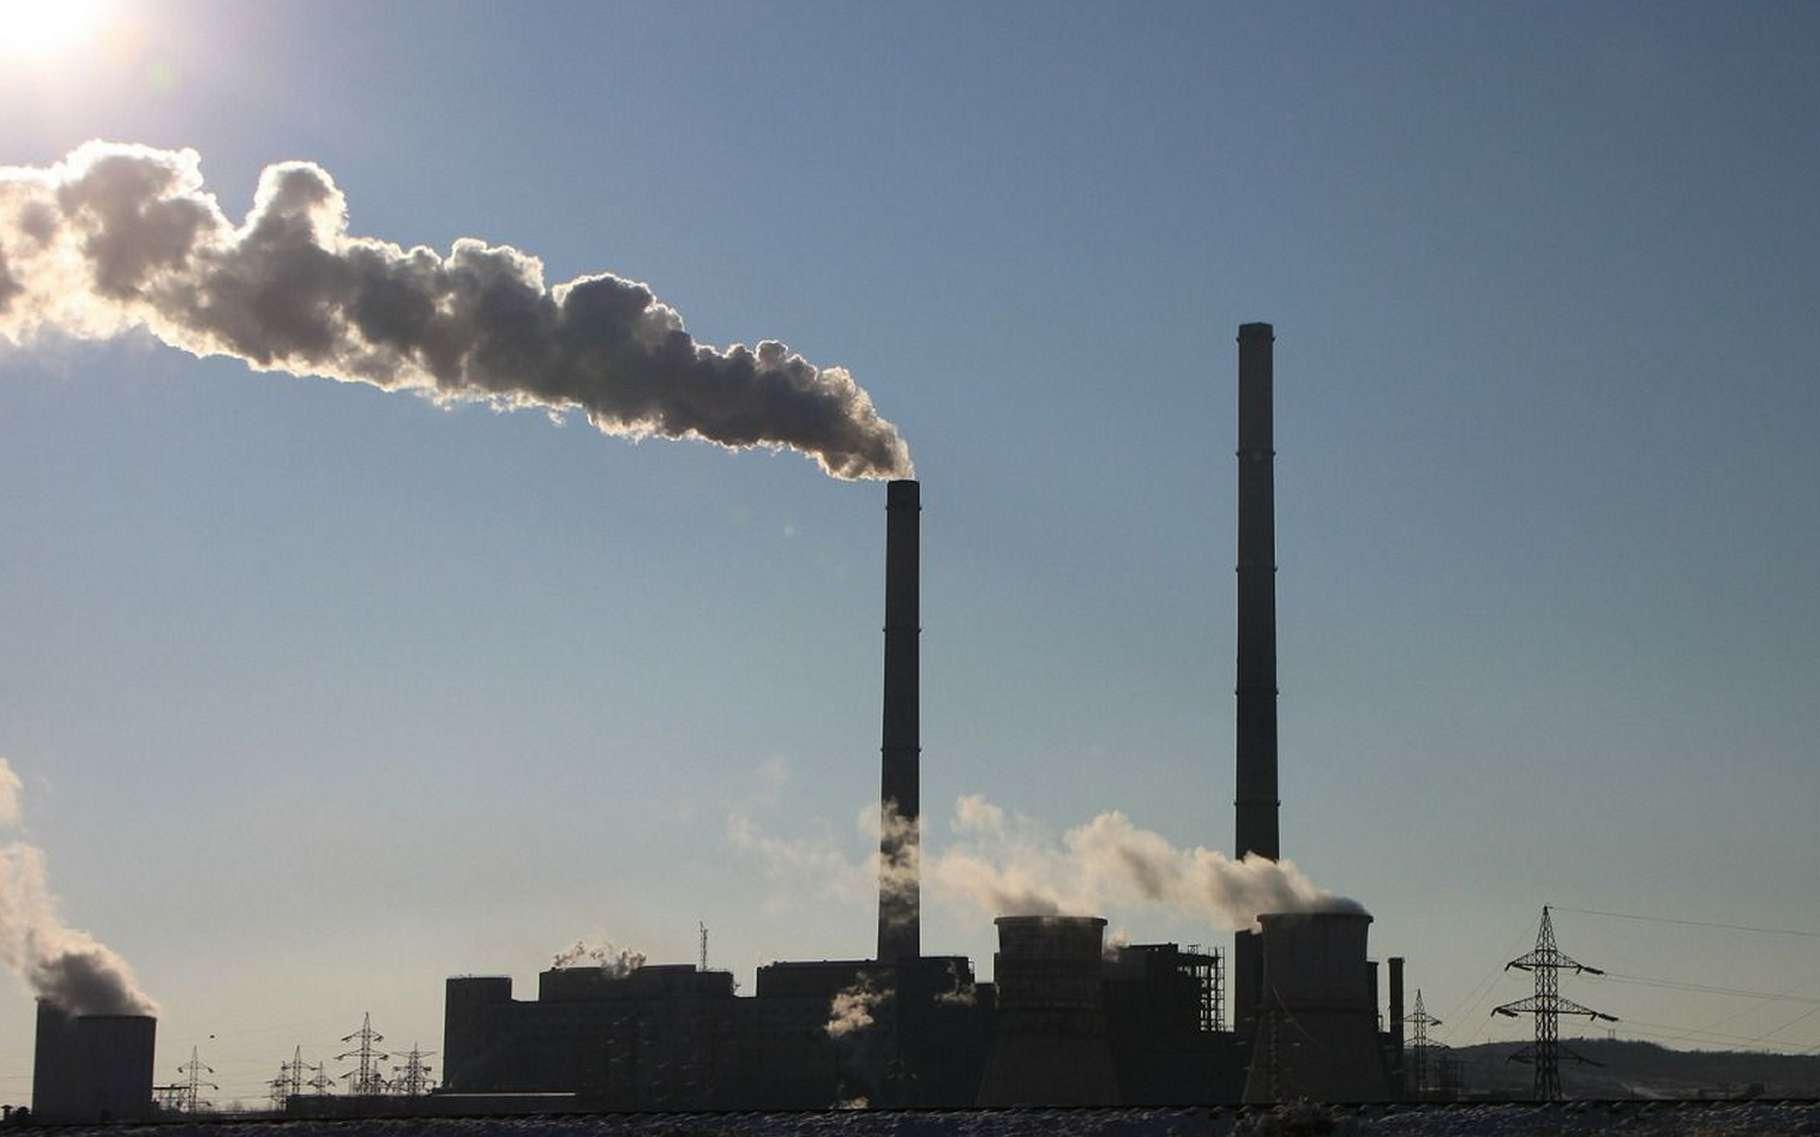 La concentration de CO2 dans l'atmosphère est désormais très proche des 400 ppm à l'échelle de la planète, une teneur que la Terre n'a pas connue depuis l'époque des australopithèques. Entre le début de l'ère industrielle et aujourd'hui, elle a augmenté de 120 ppm. © byrev, Pixabay, DP